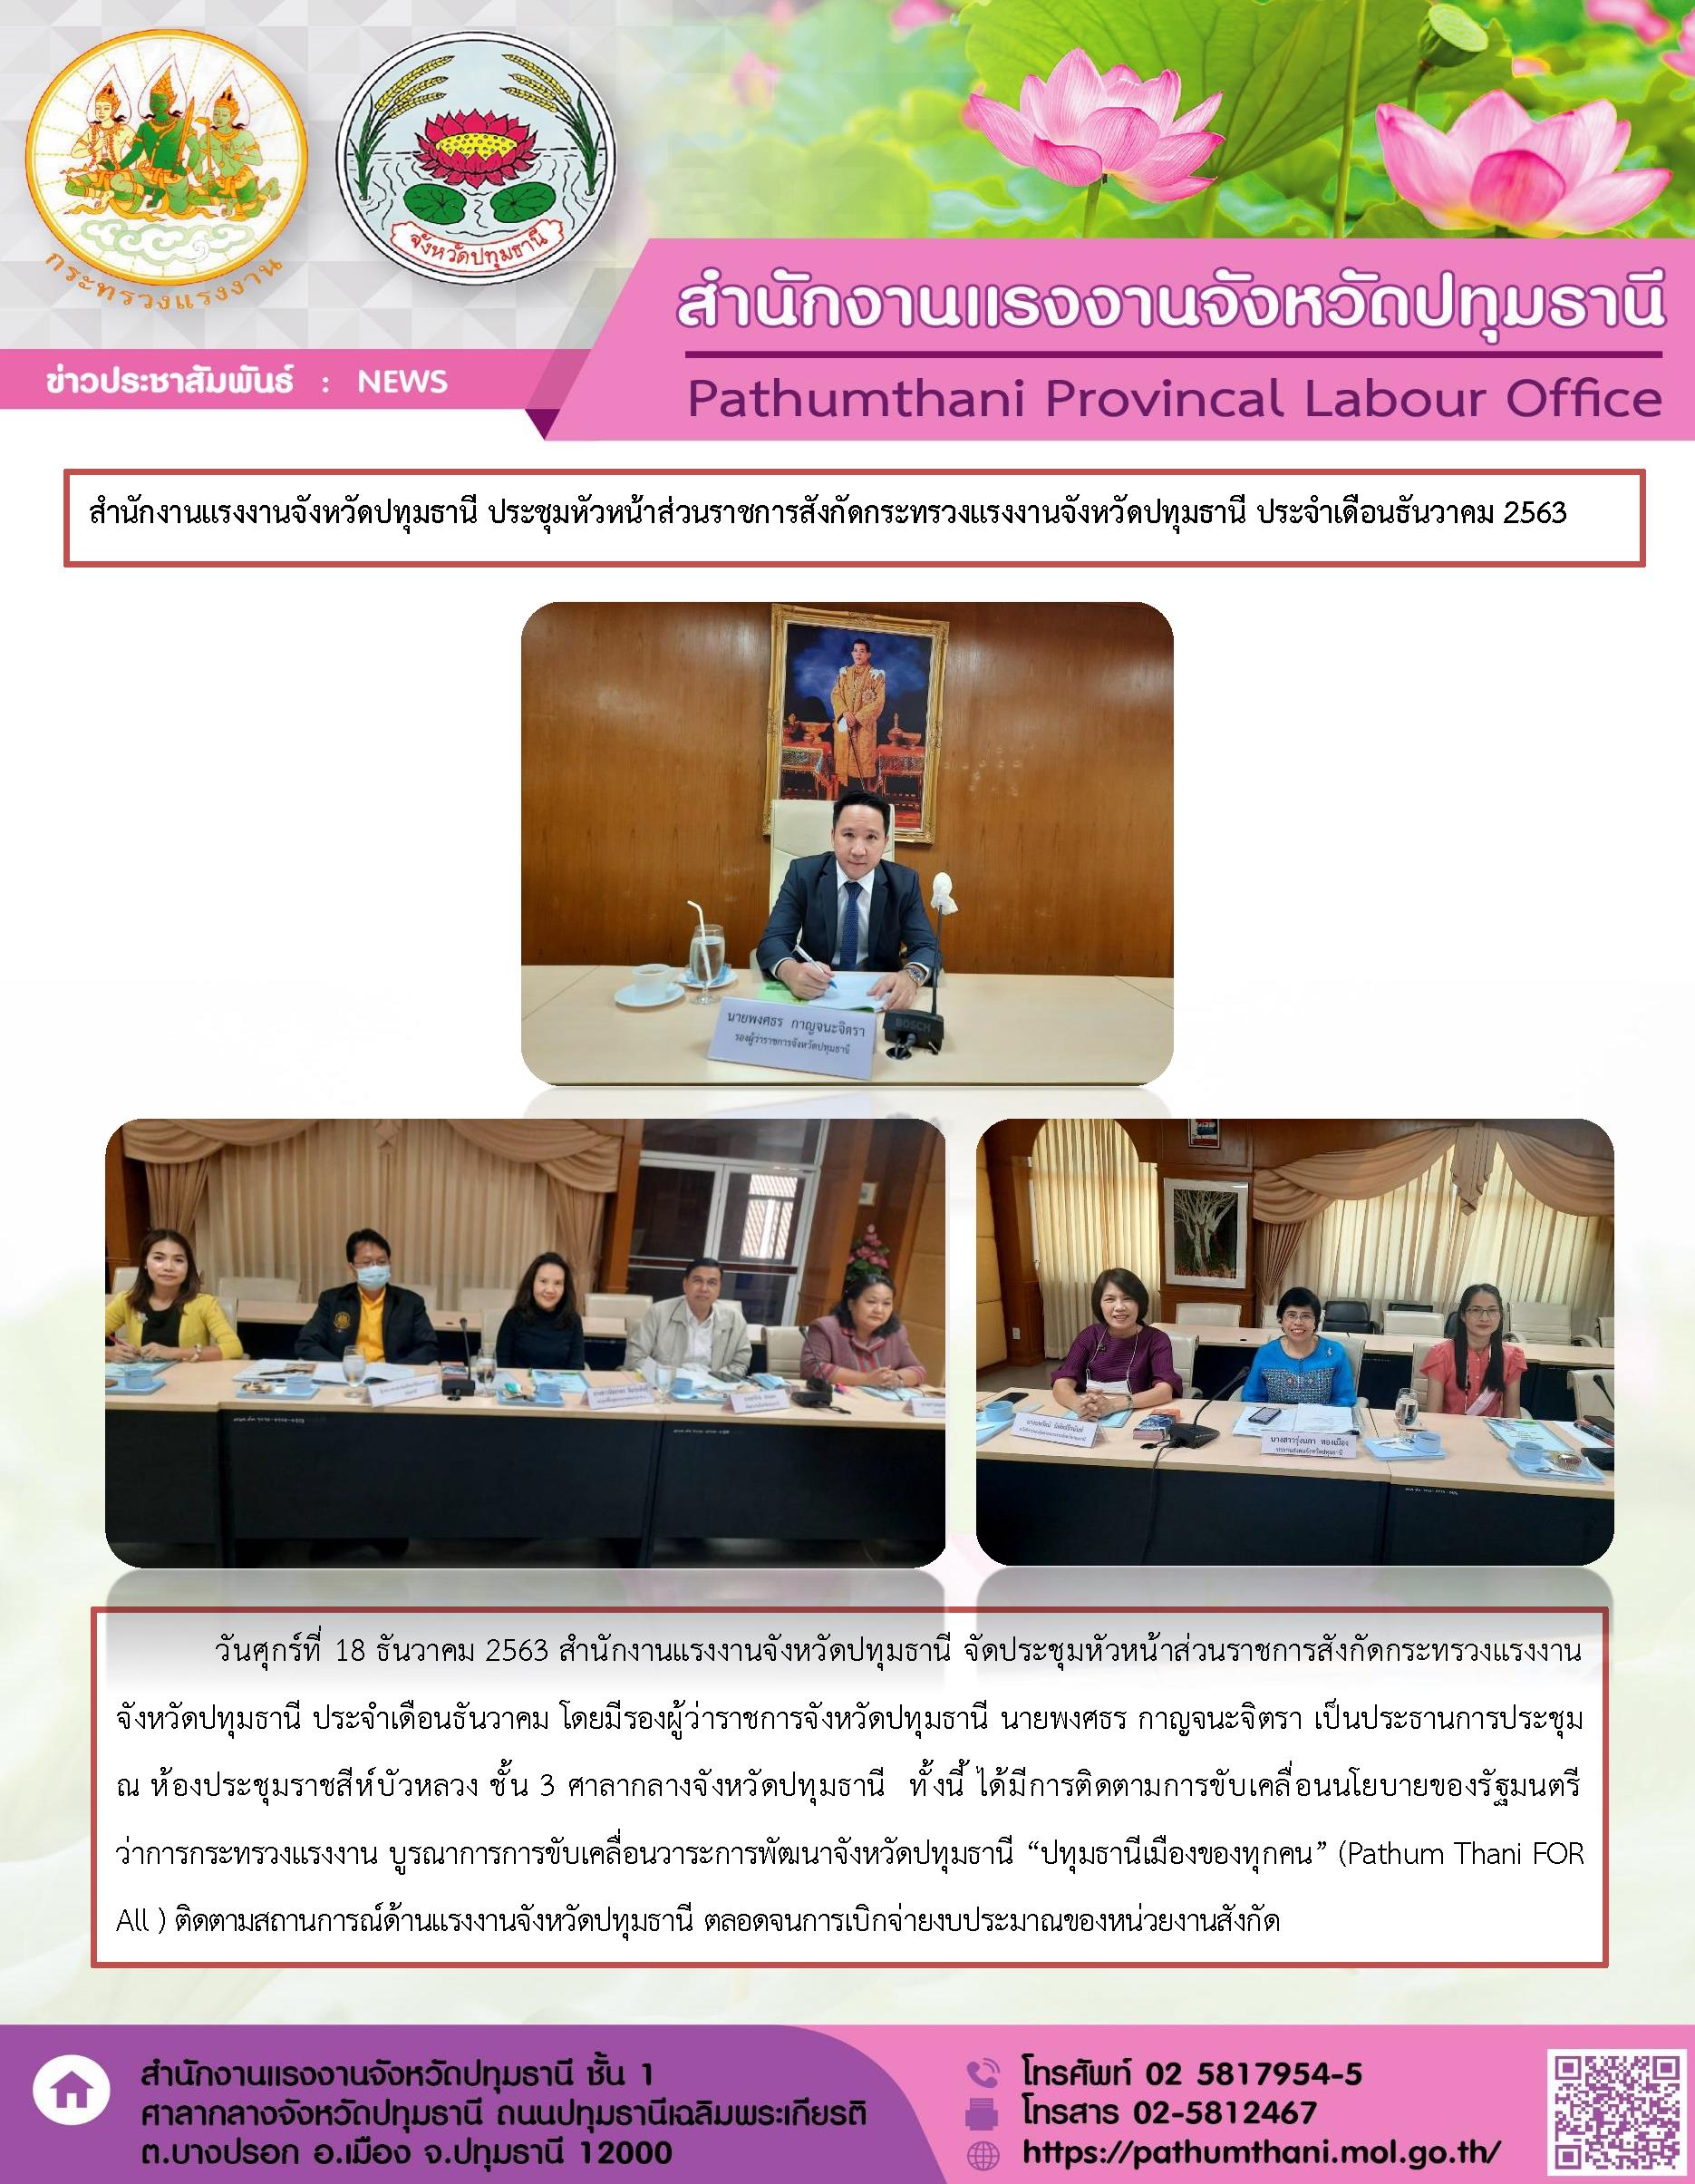 ประชุมหัวหน้าส่วนราชการสังกัดกระทรวงแรงงานจังหวัดปทุมธานี ประจำเดือนธันวาคม 2563